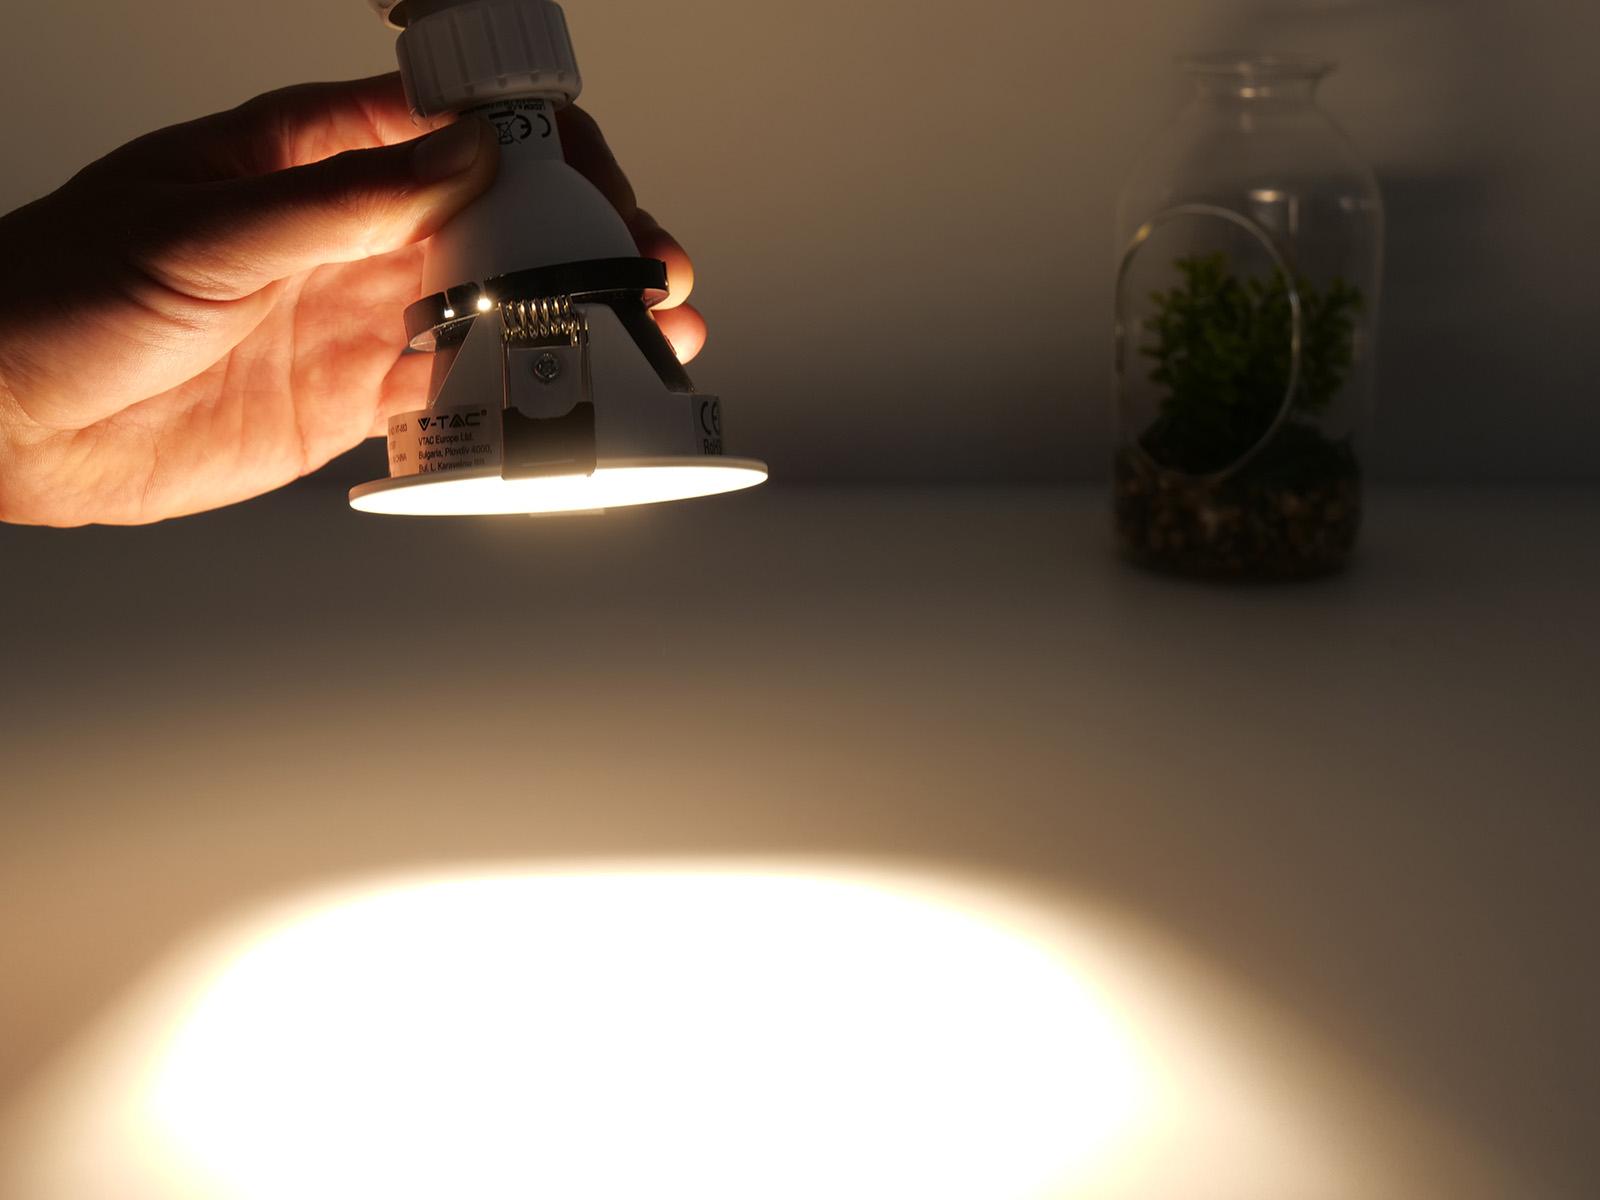 Az 5 cm átmérőjű GU10 izzók a legegyszerűbb megoldást biztosítják a lakások és az átlagos belmagasságú helyiségek bevilágításához.